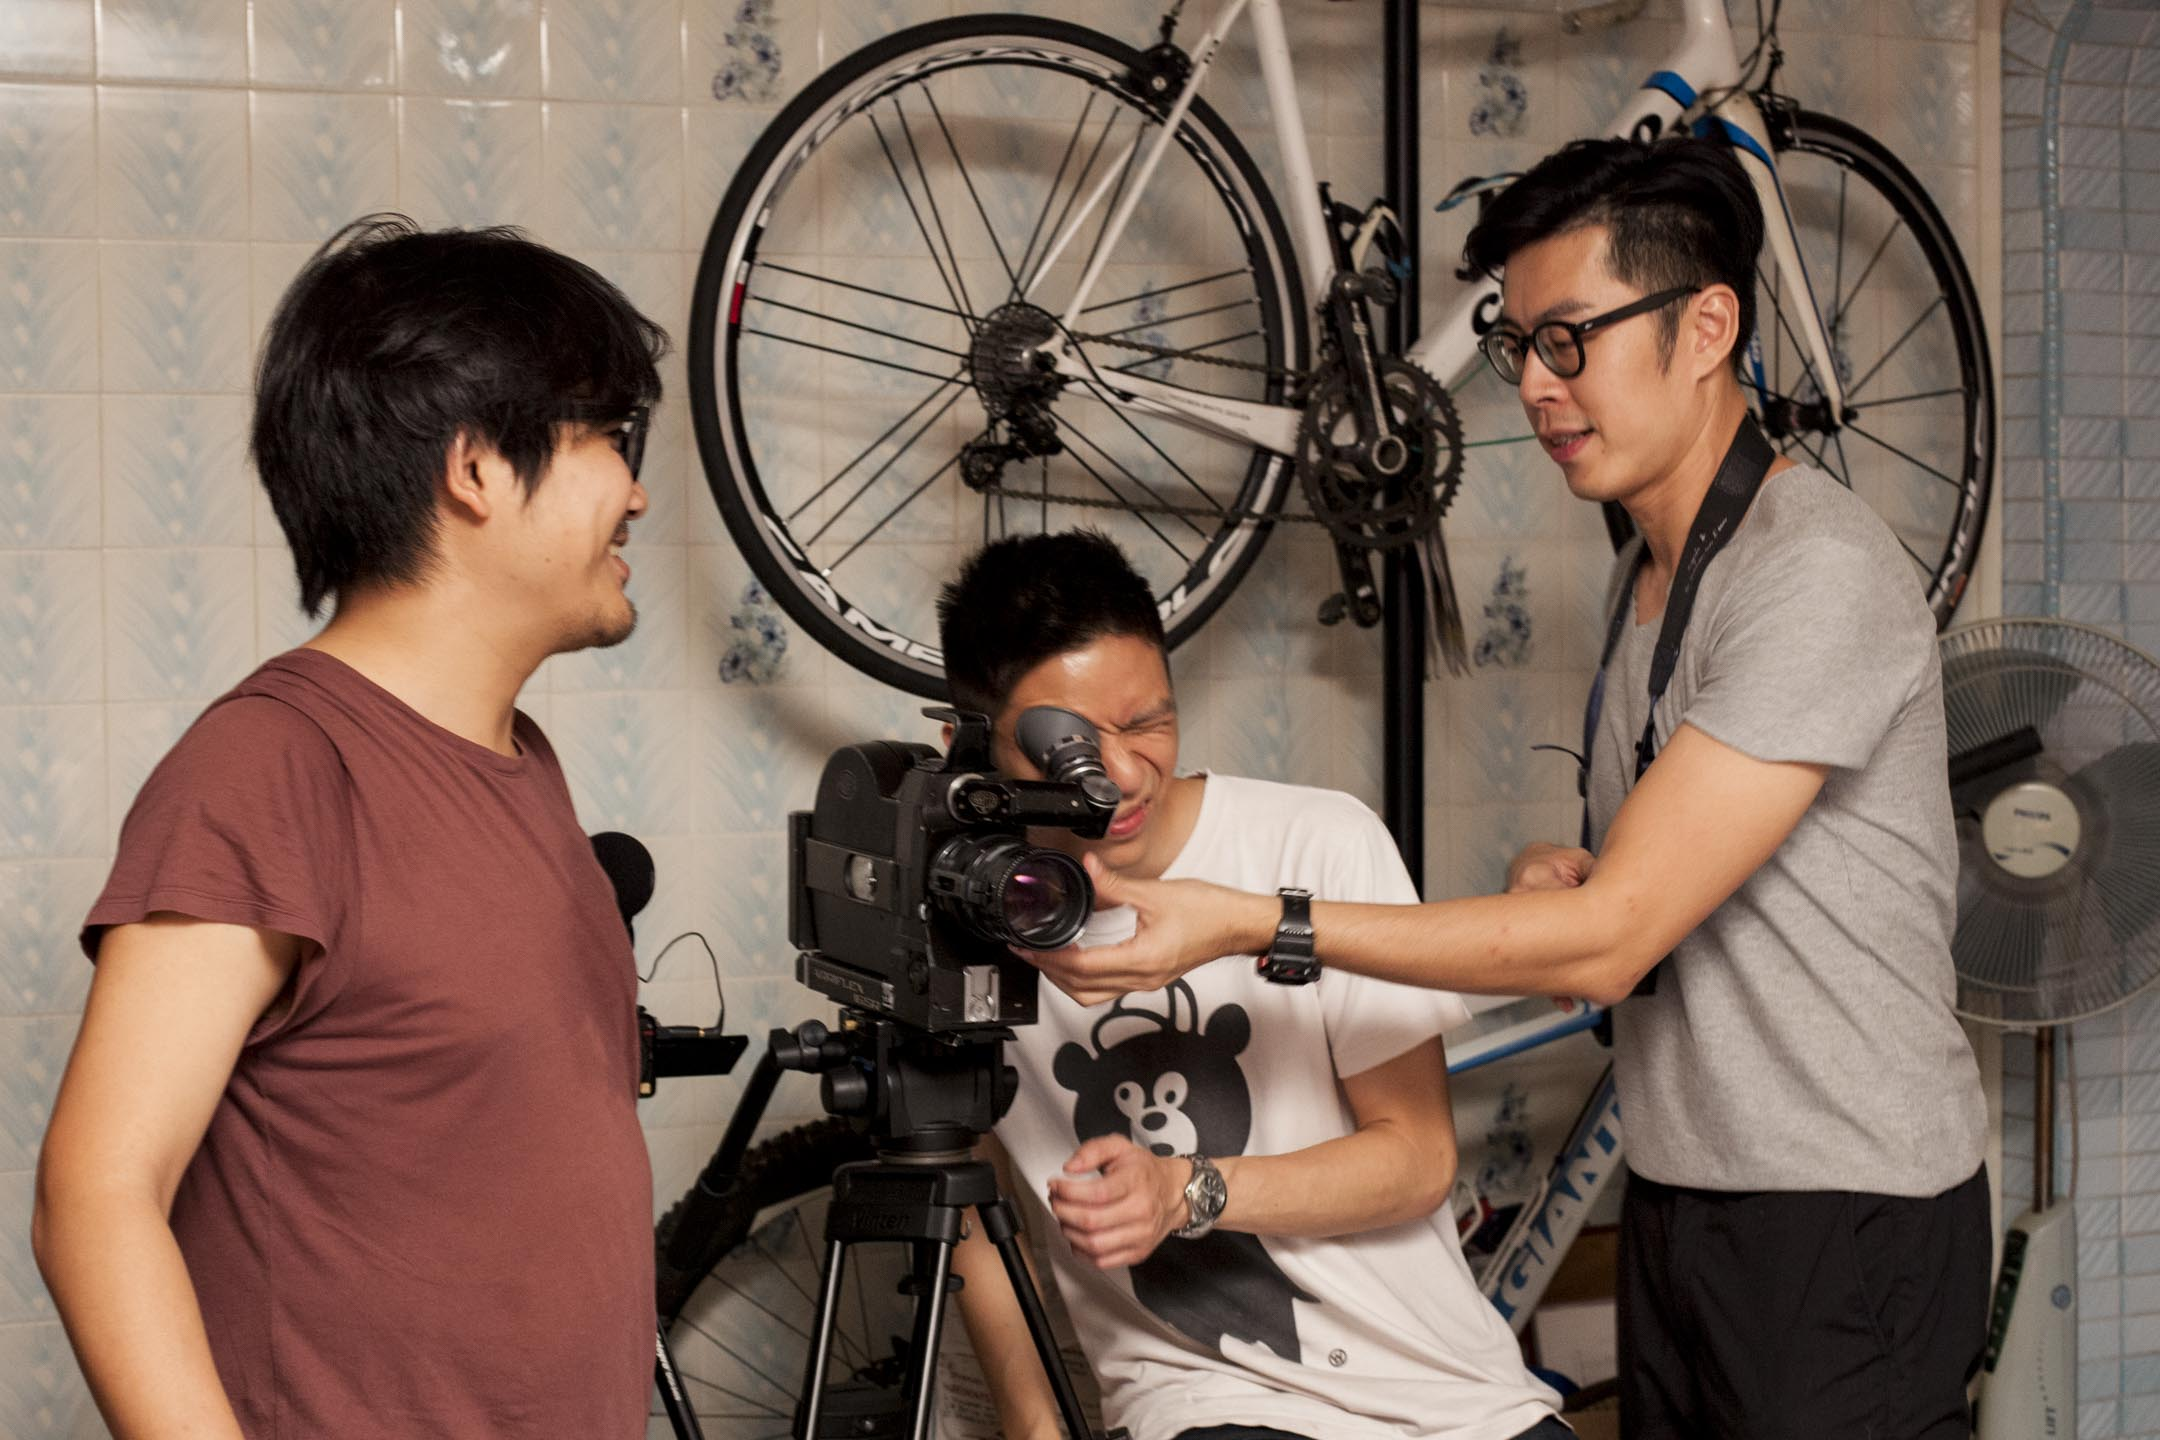 新加坡導演許瑞峰(Daniel Hui) 在《Demons》的拍攝現場。 圖:許瑞峰(Daniel HUI)提供